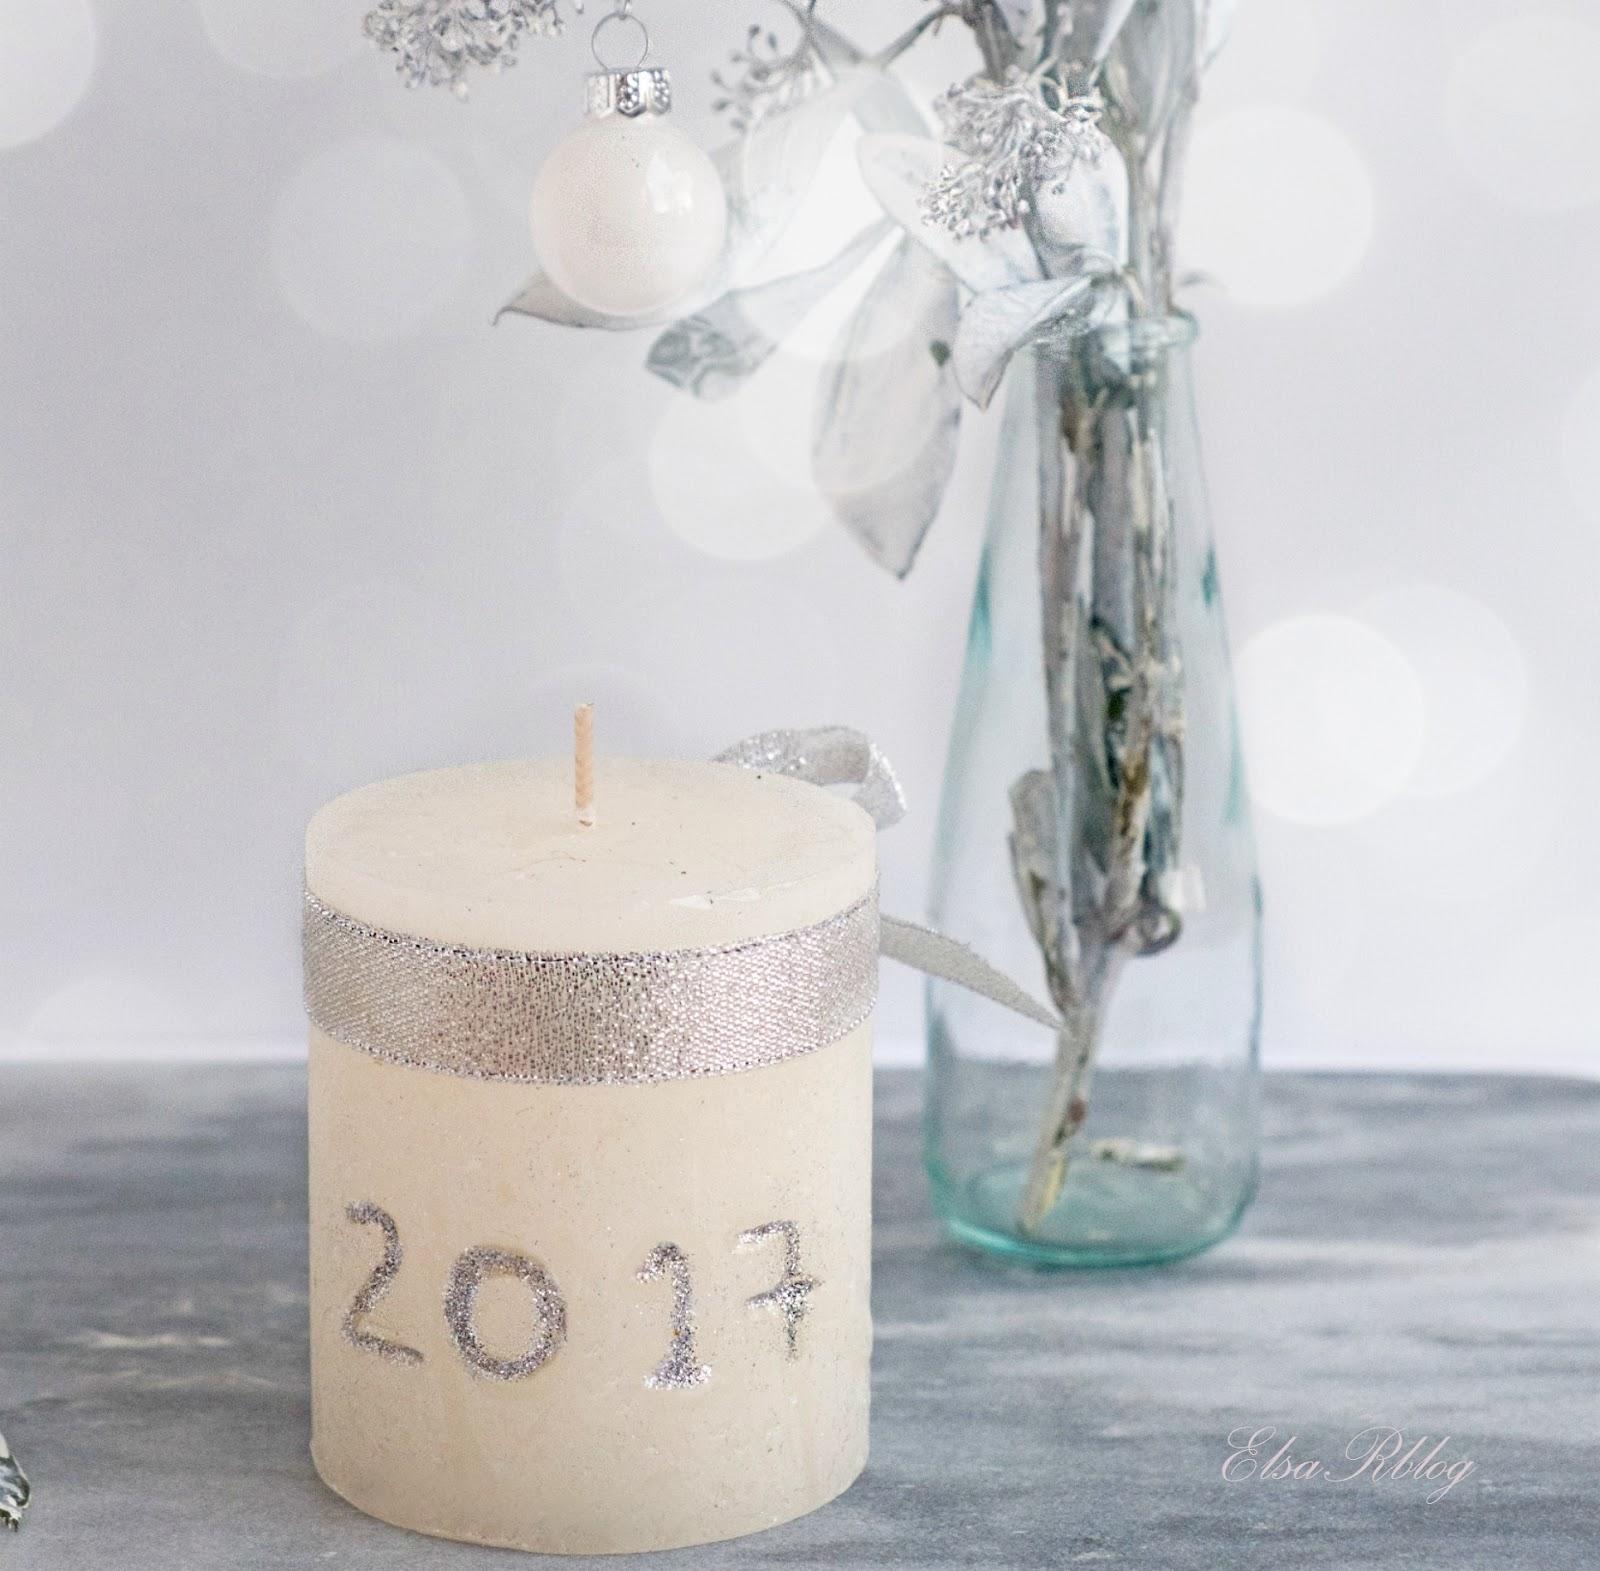 zelf een kaars maken voor nieuwjaar diy decoratie